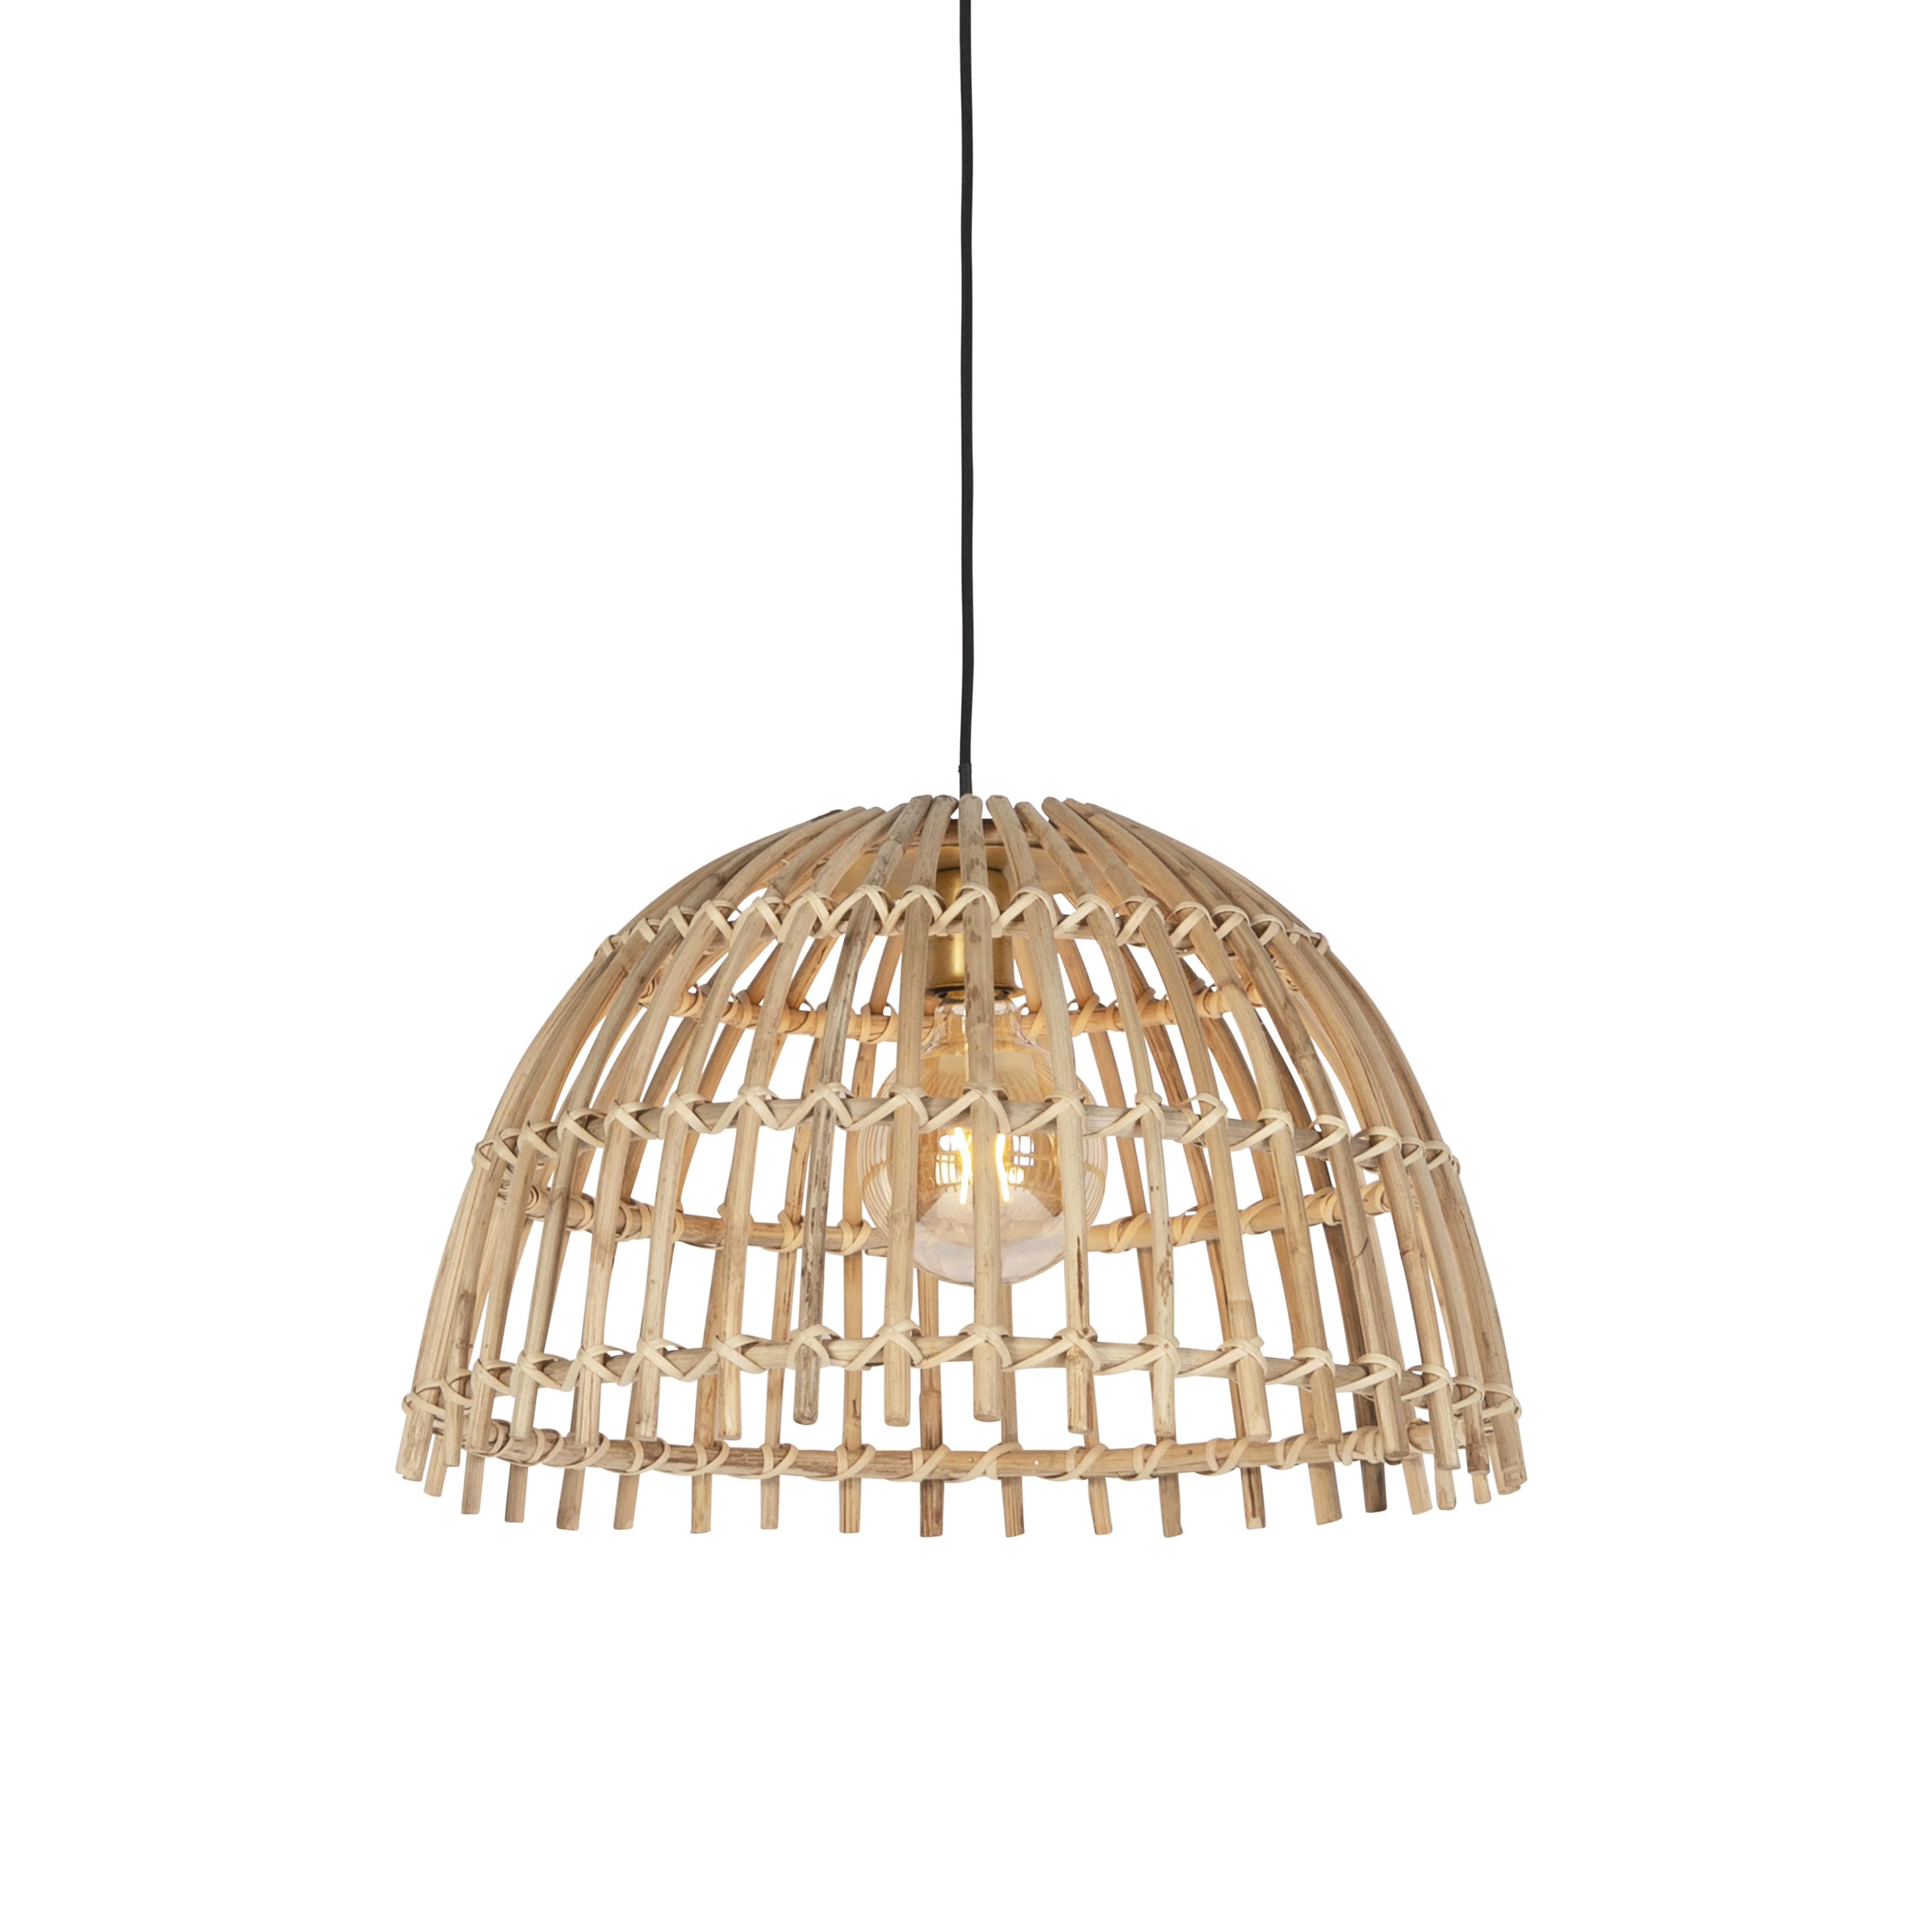 Landelijke hanglamp naturel bamboe - Cane Magna groot